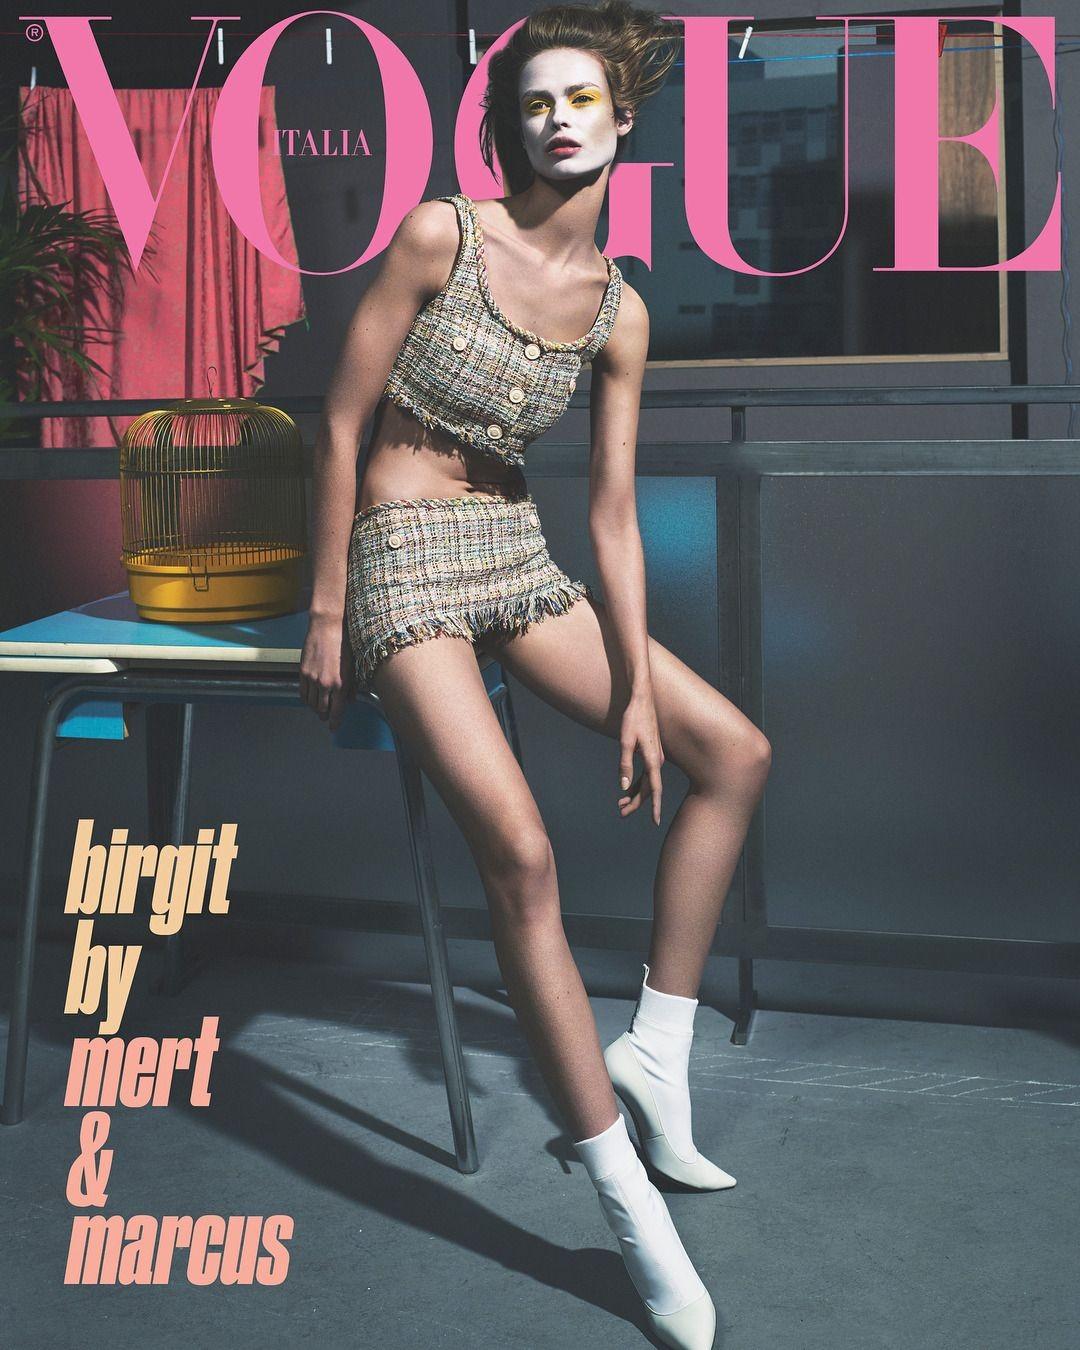 Birgit, capa da Vogue italiana de abril de 2018 (Foto: Divulgação)